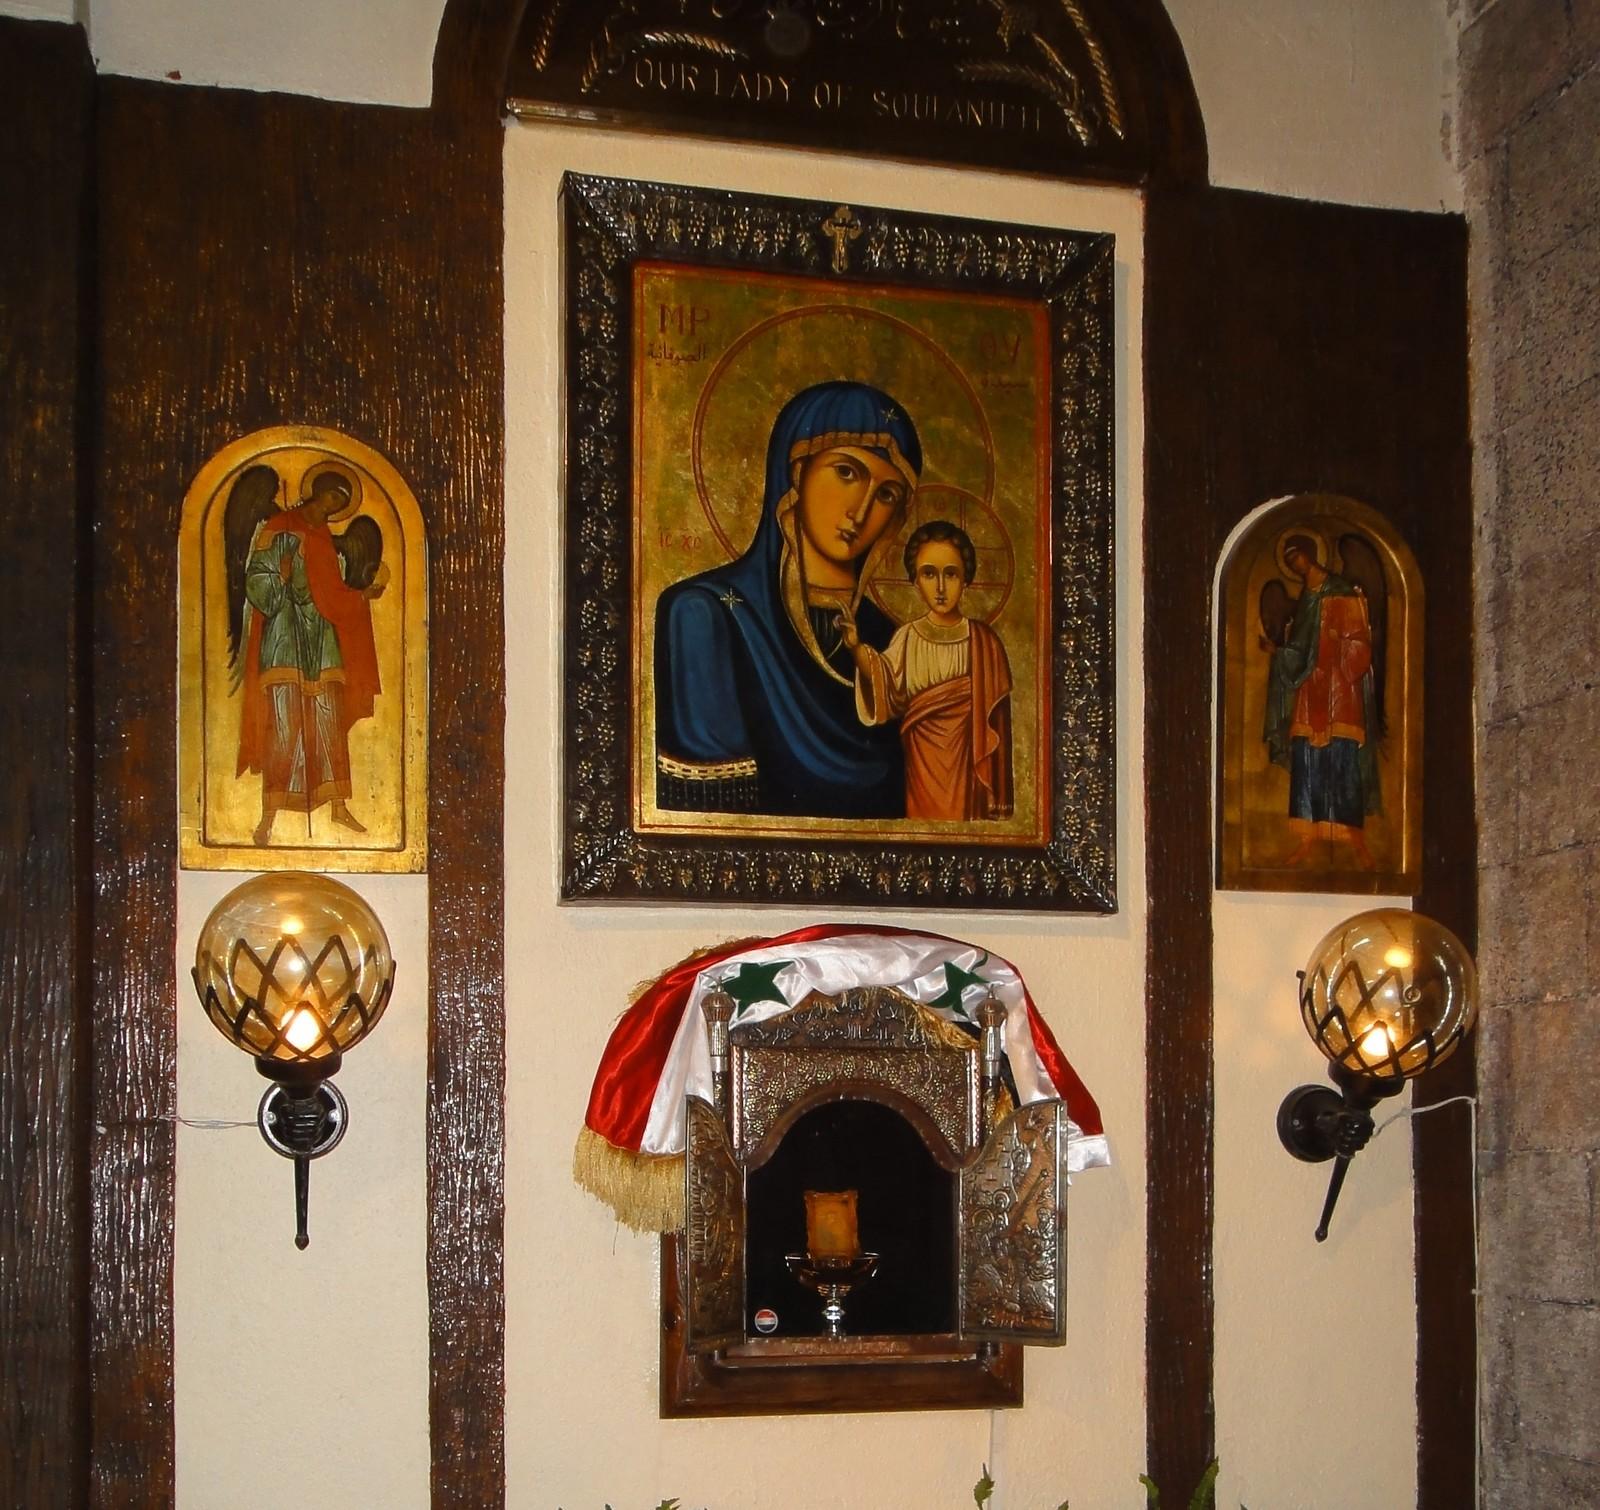 Nuestra Señora de Soufanieh, una Aparición Ecuménica, Siria (22 de noviembre)